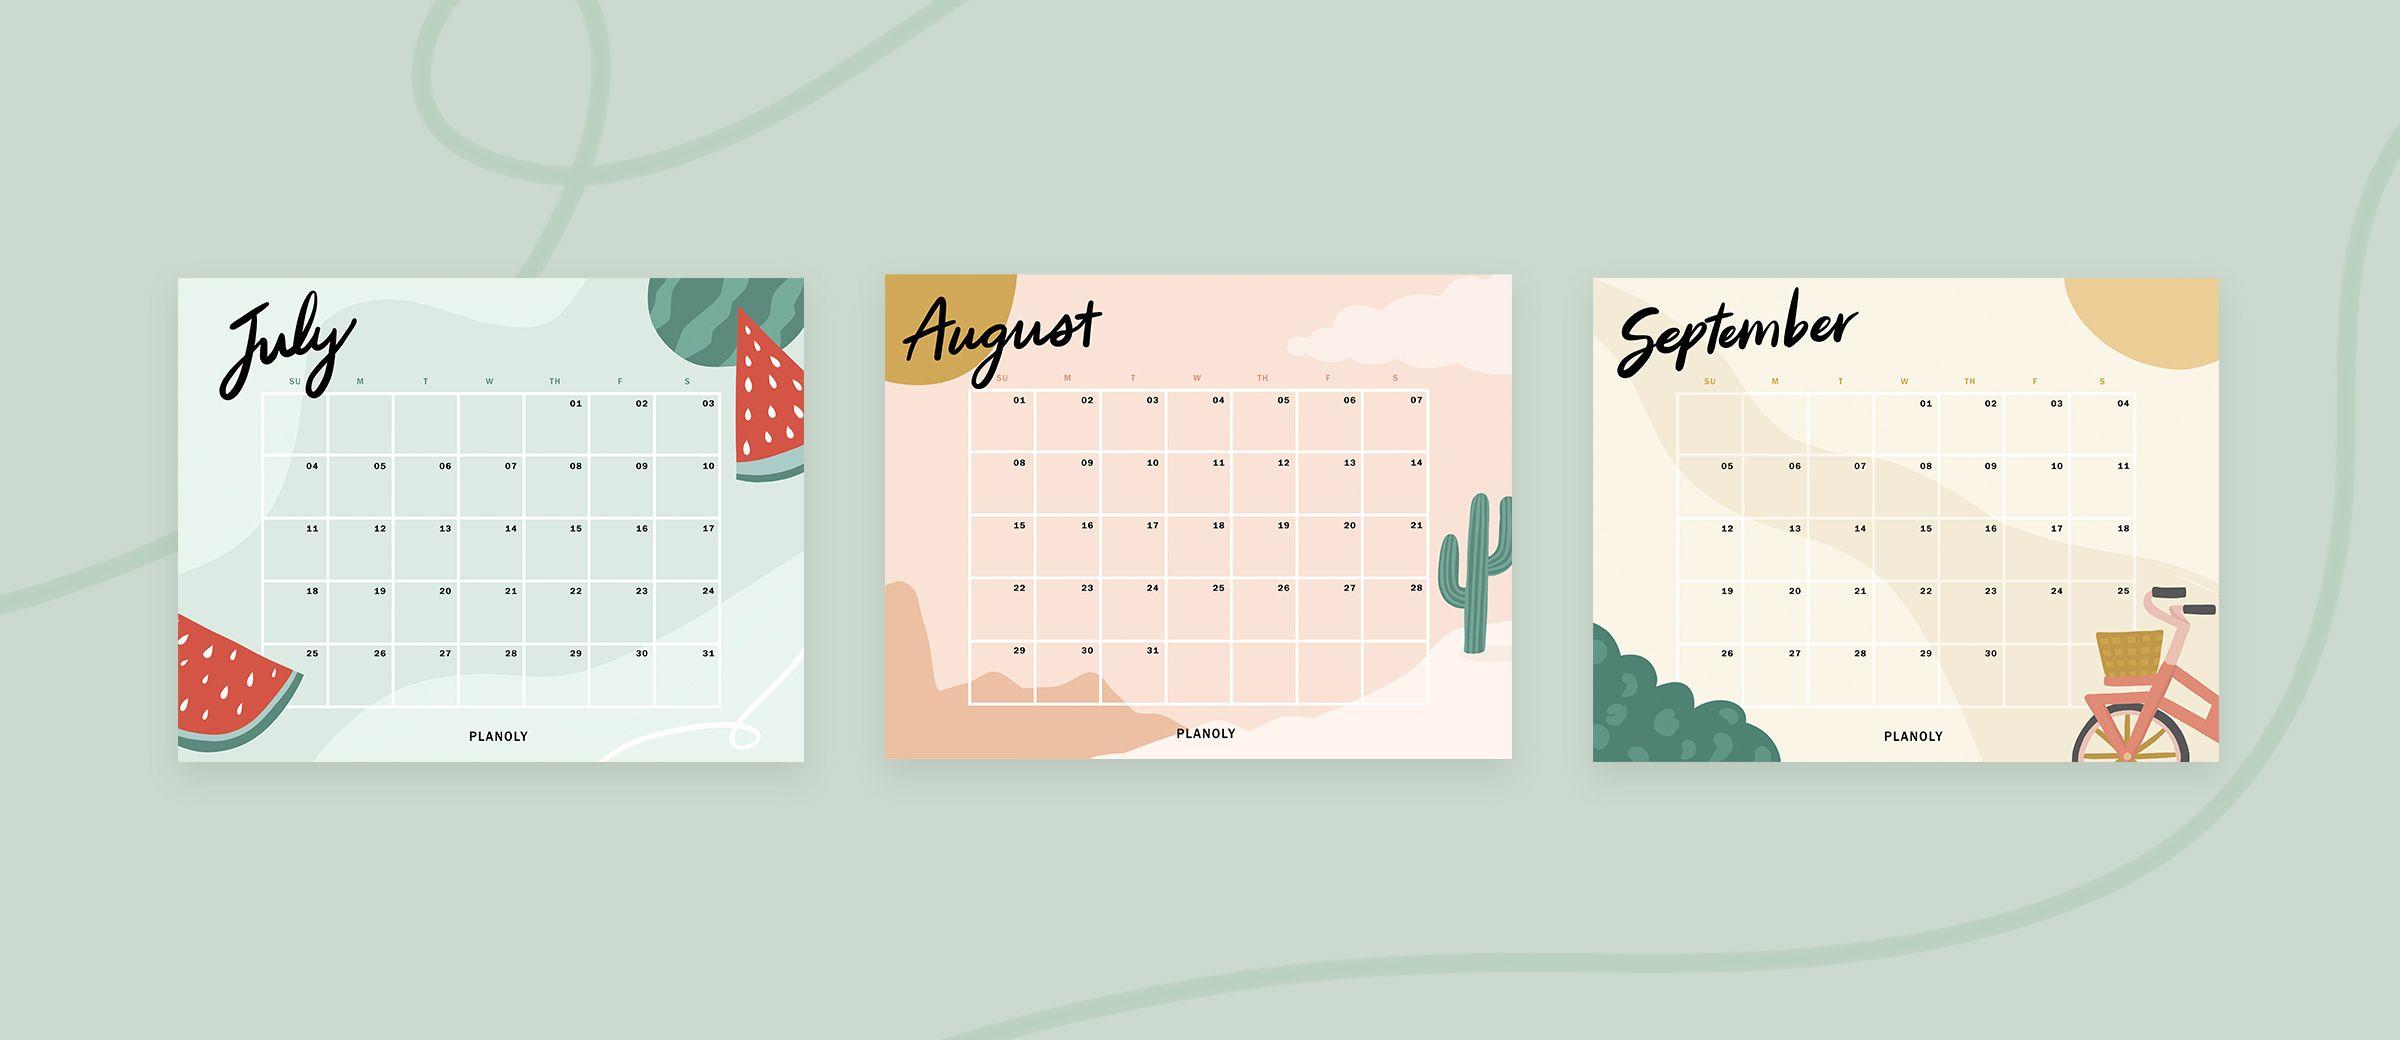 Content Calendar Downloadables for Social Media 2021 Q3